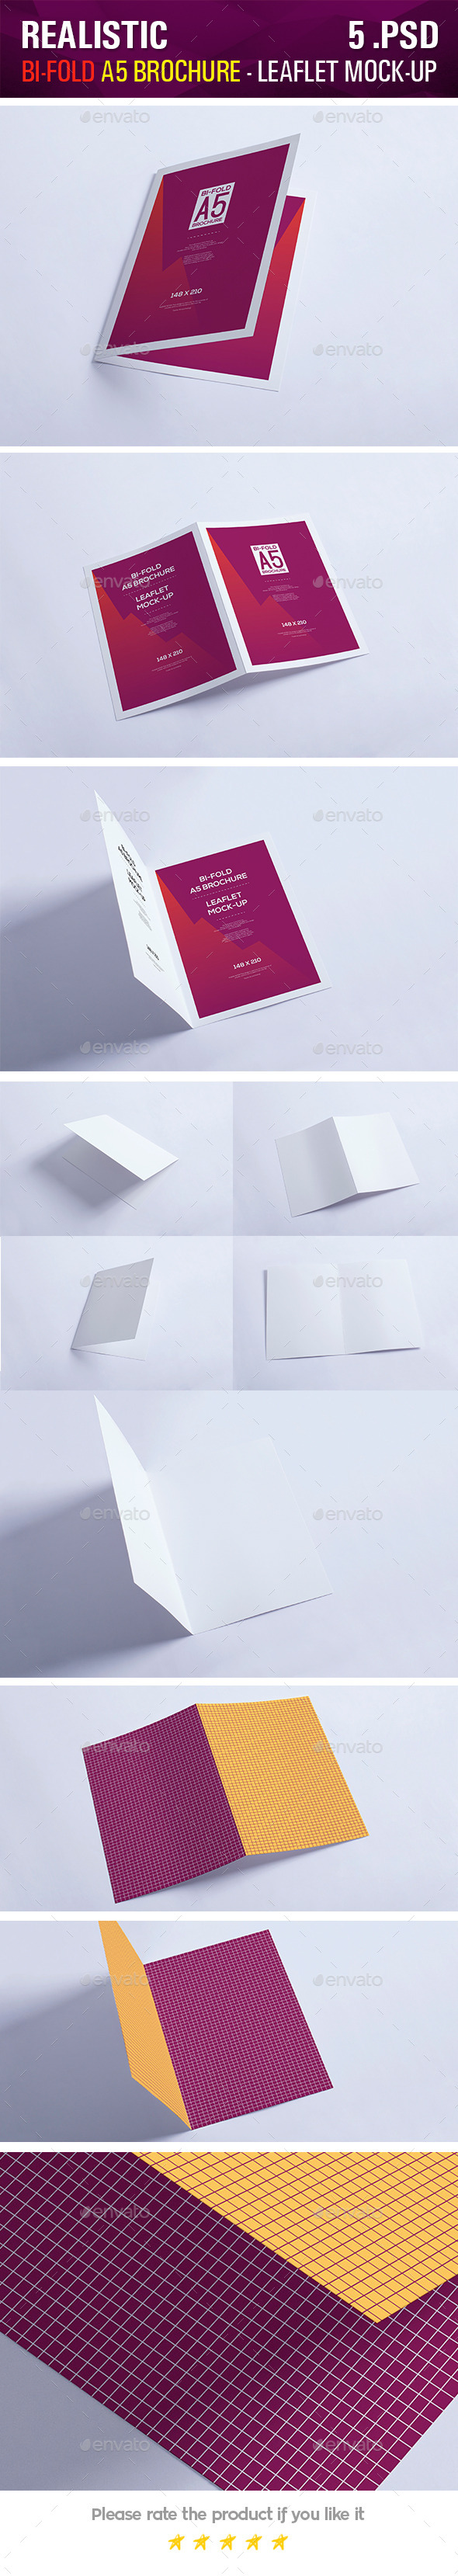 Bi-Fold A5 Brochure - Leaflet Mock-up - Brochures Print